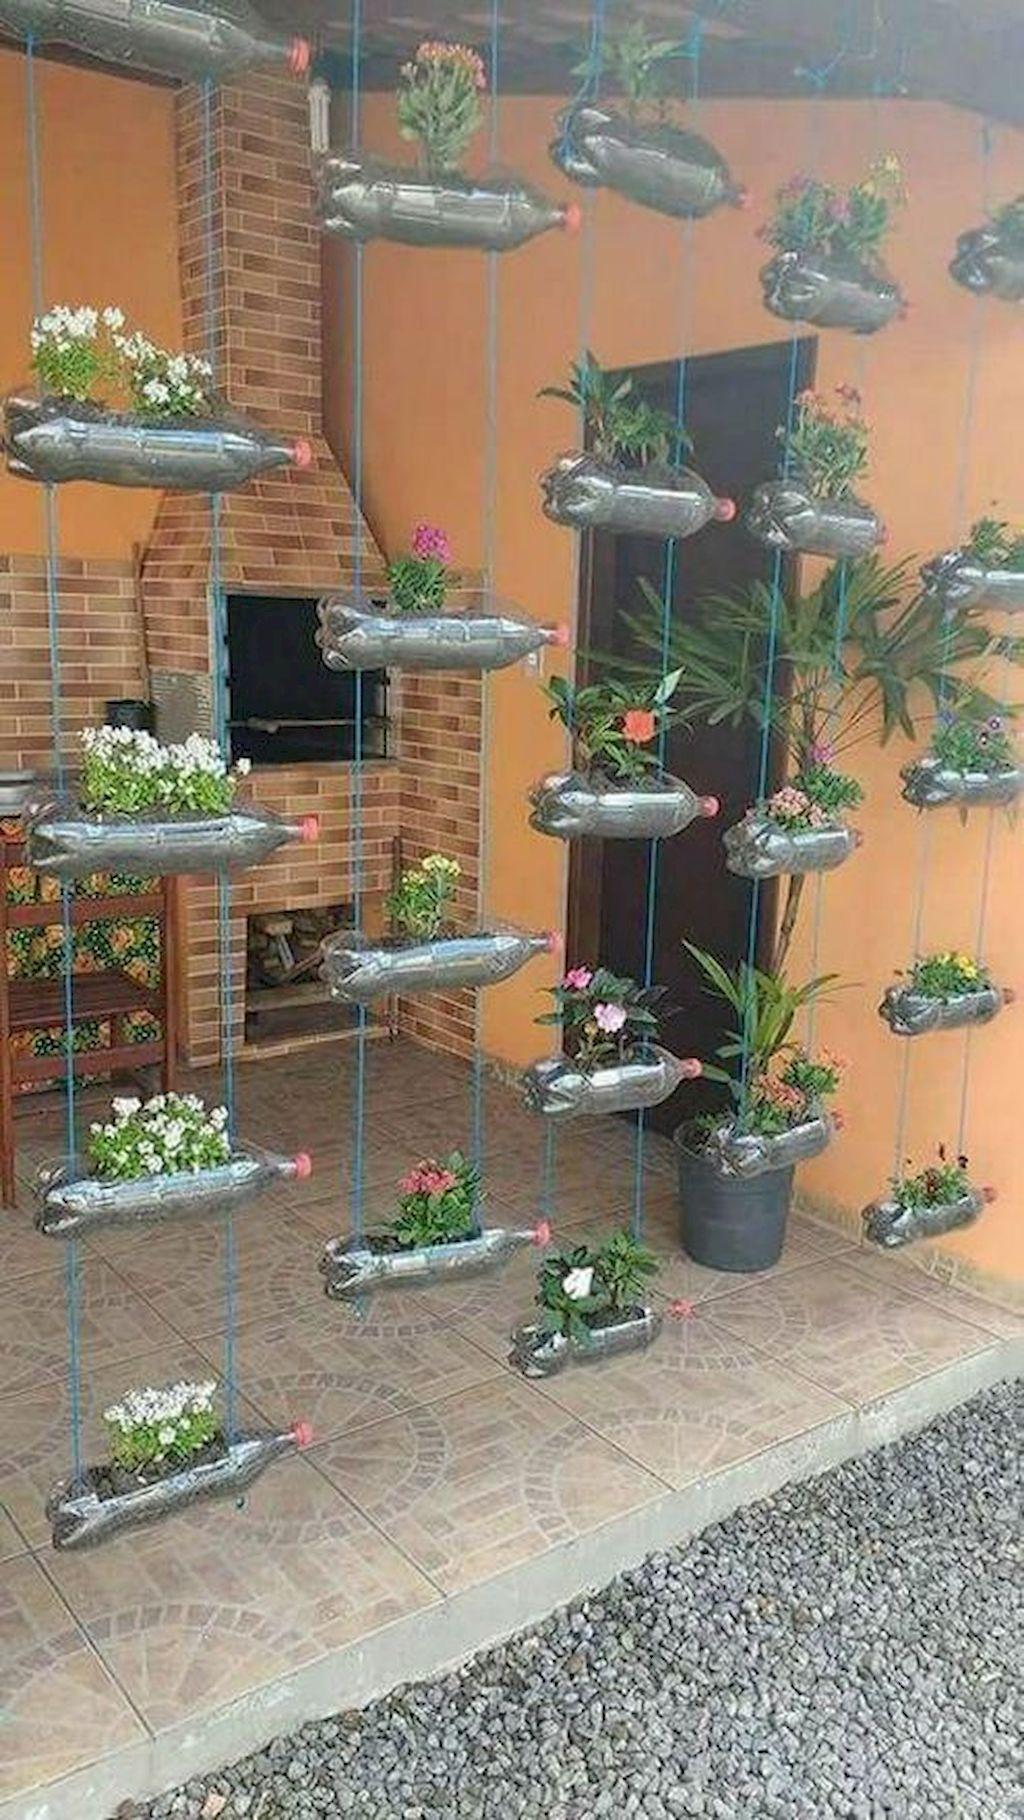 Pot Bunga Ide Berkebun Kebun Dan Berkebun Di Kota